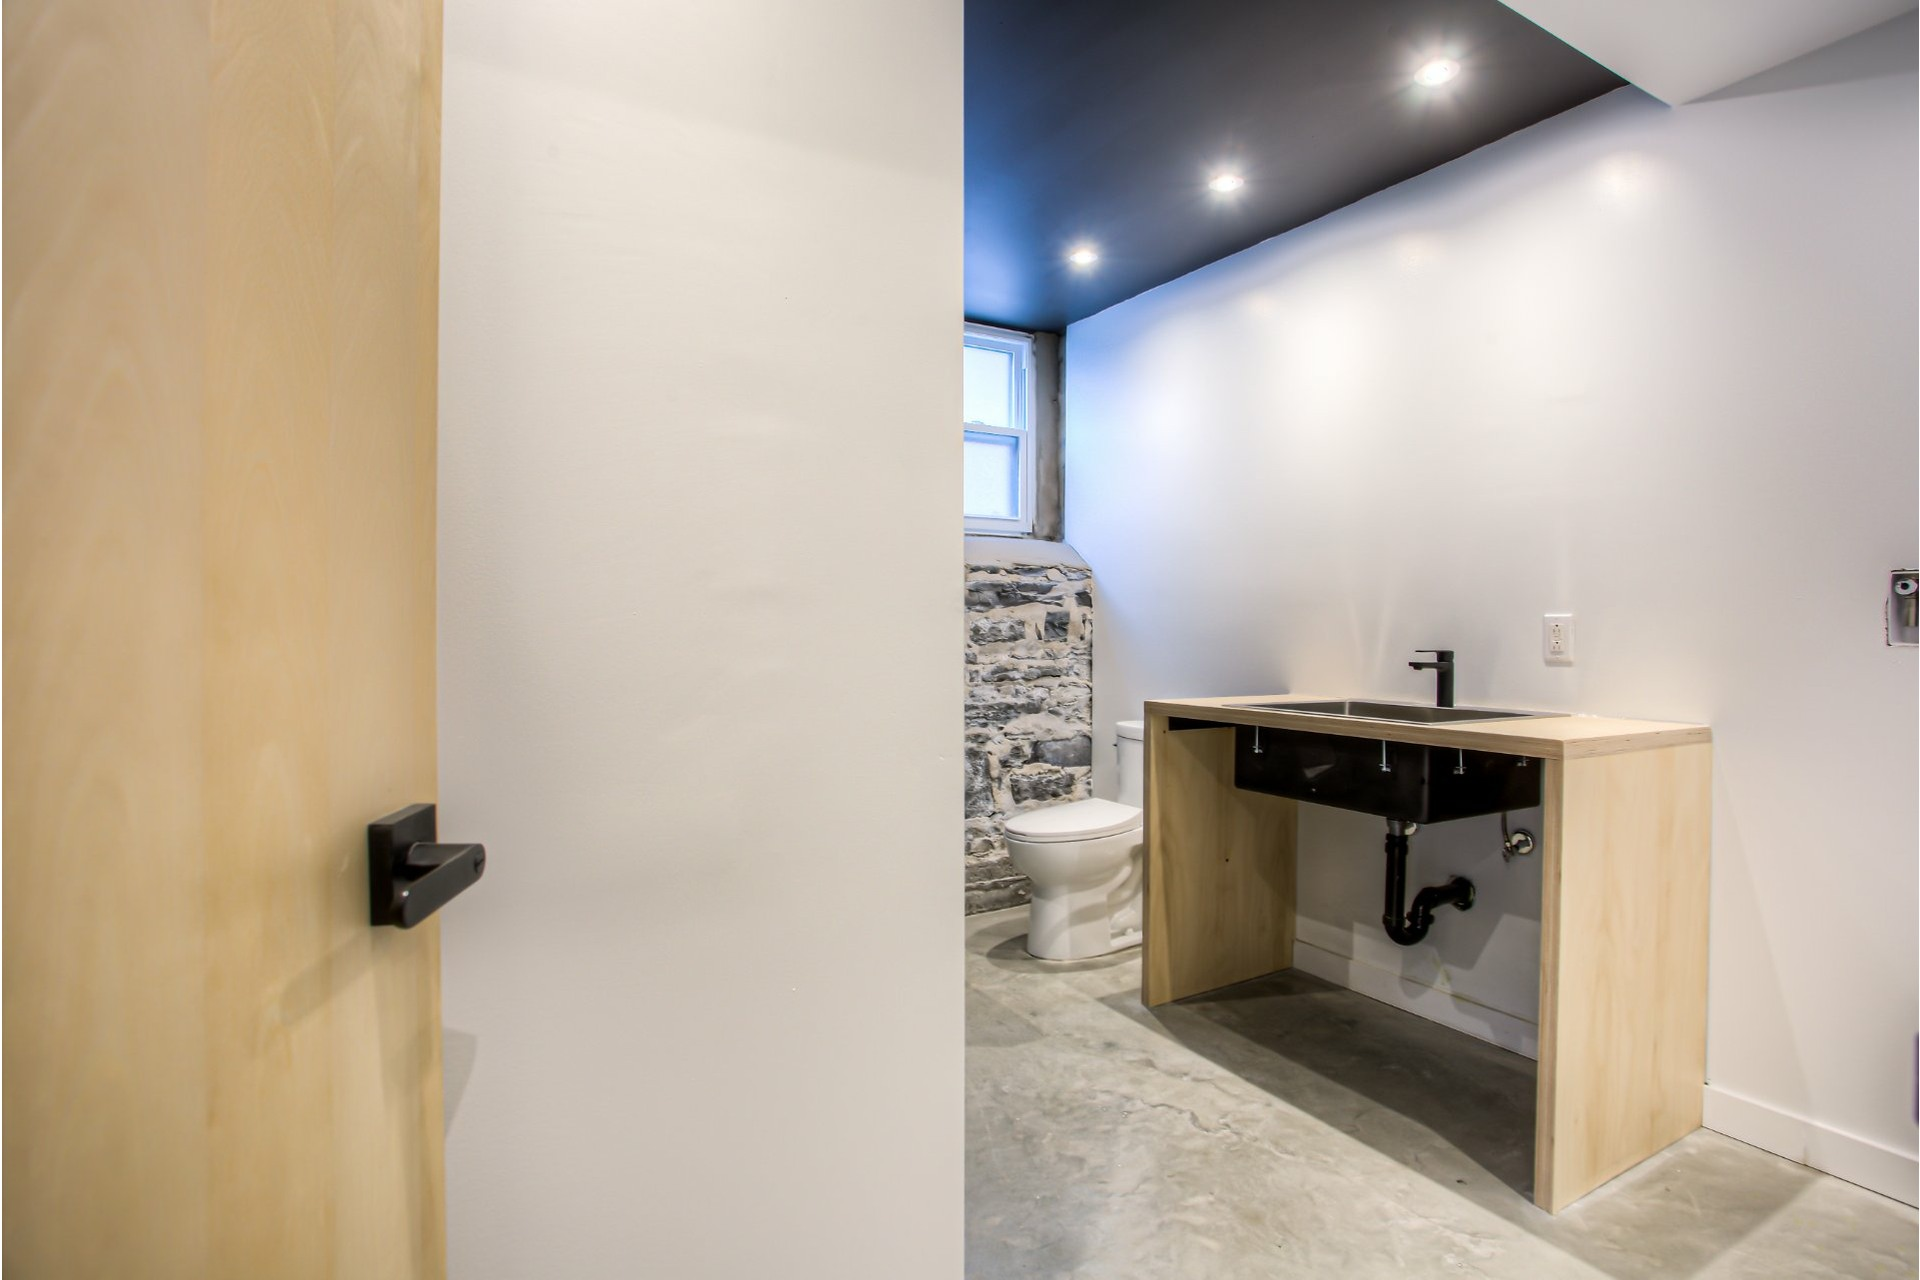 image 19 - Duplex À vendre Mercier/Hochelaga-Maisonneuve Montréal  - 4 pièces